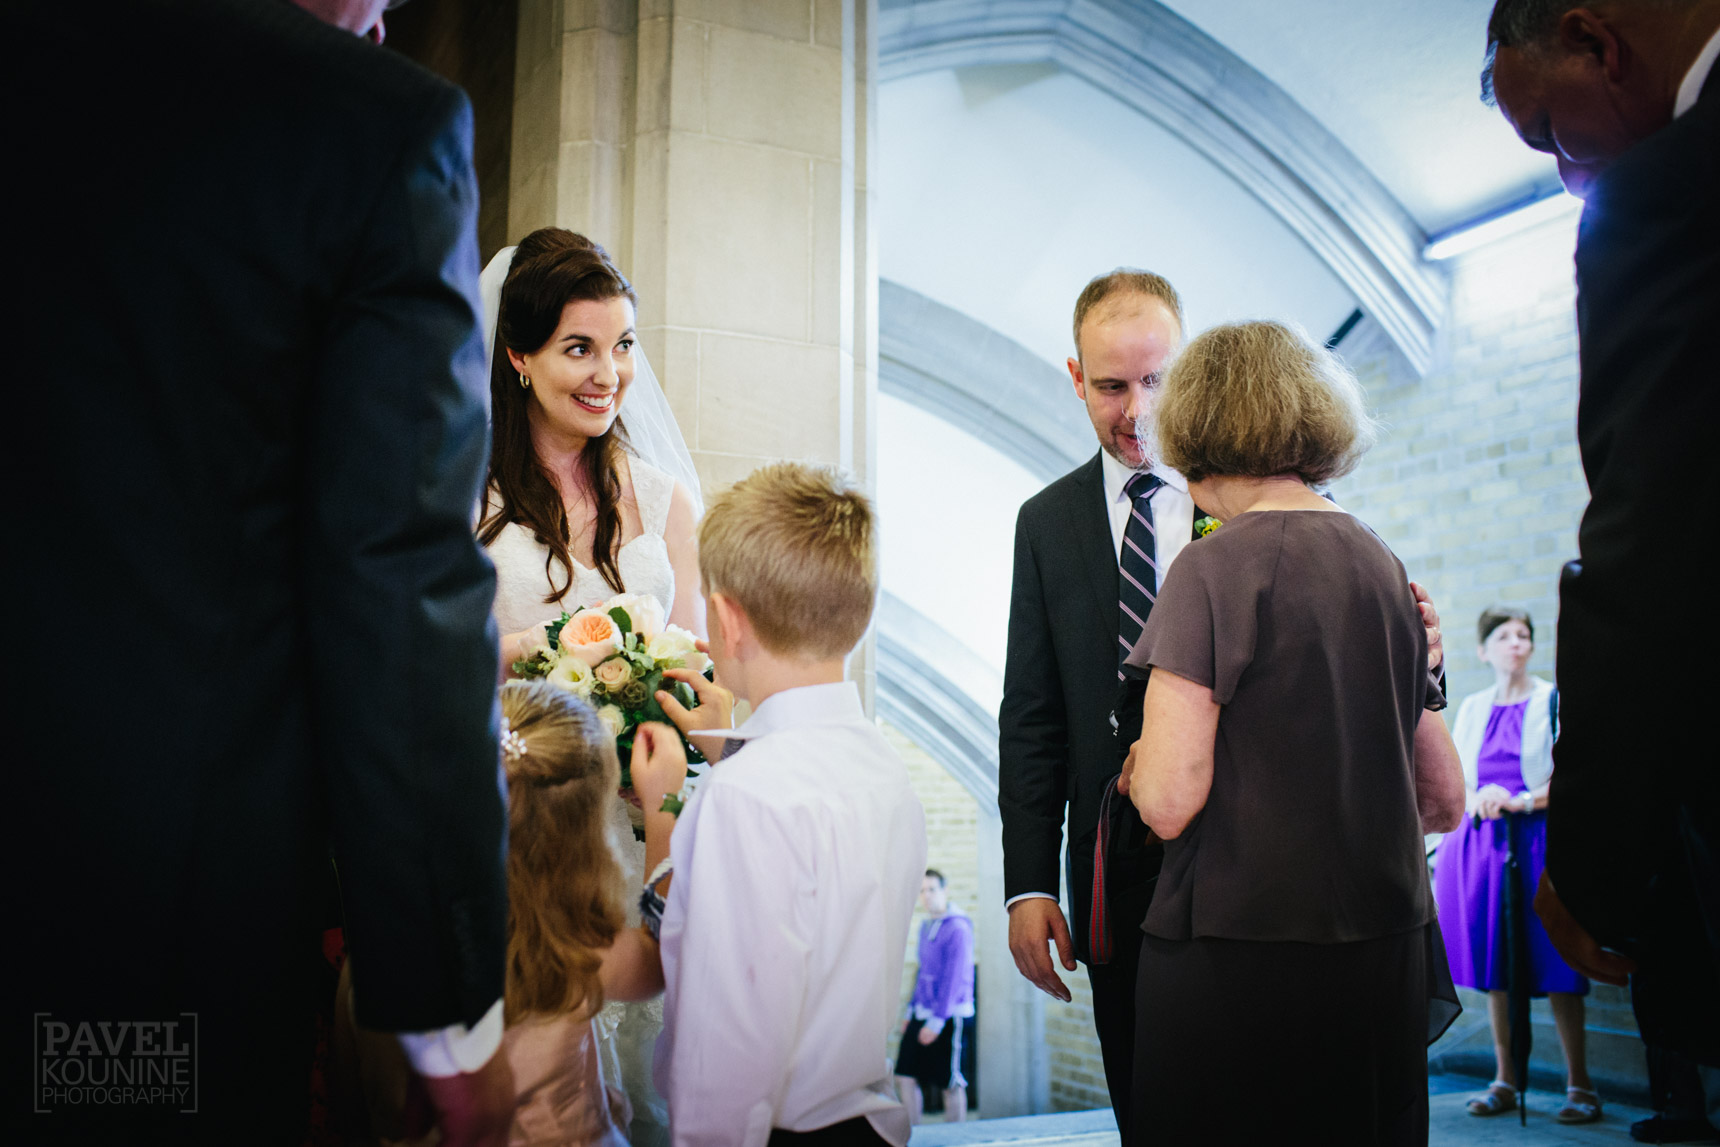 real wedding photography toronto